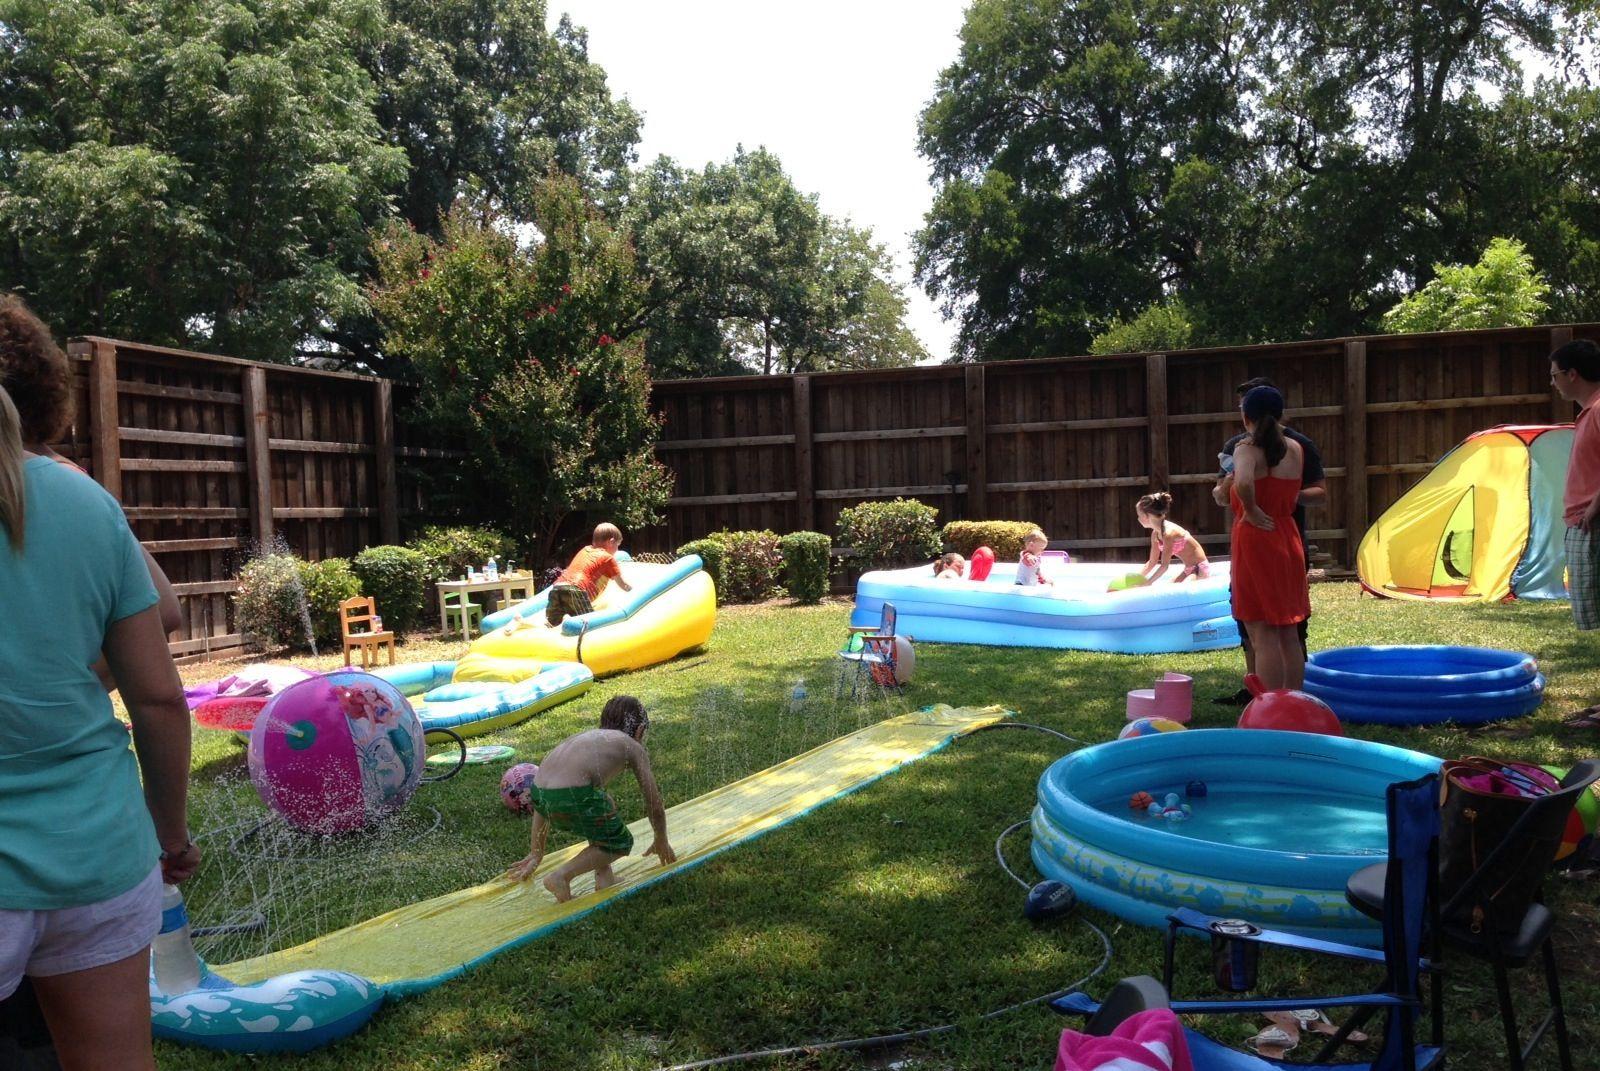 Kids Backyard Birthday Party Ideas  Backyard set up Future Birthday Party Ideas